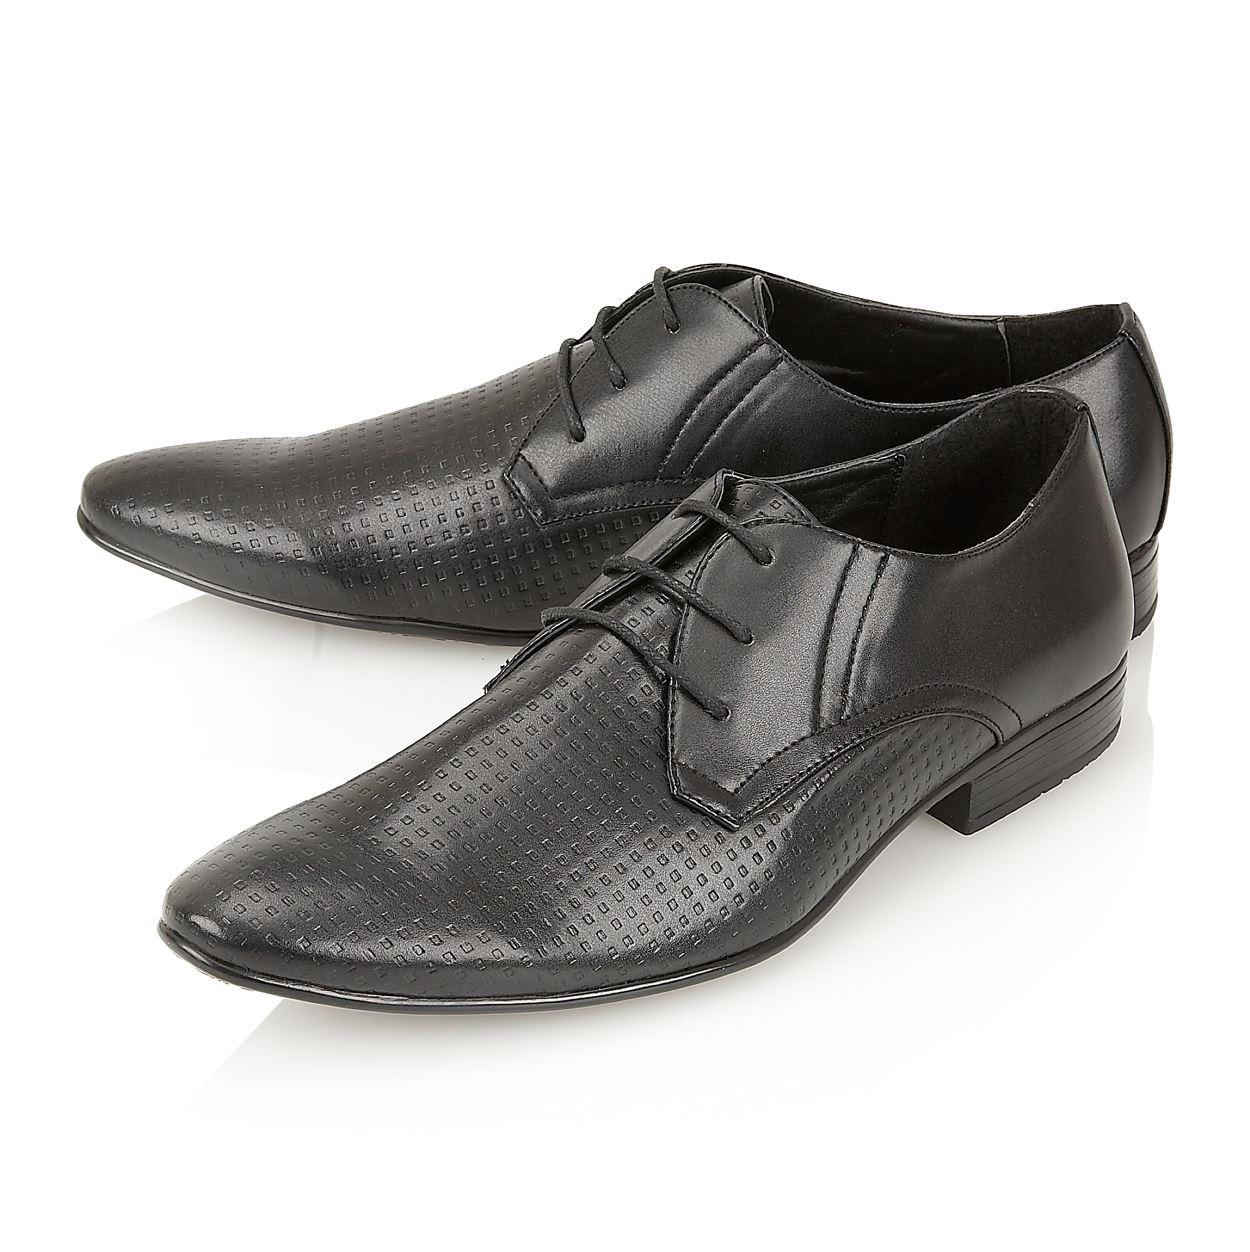 Monti Albani - Chaussures À Lacets Noir Pour Les Hommes Noirs DKvwgv8nPi